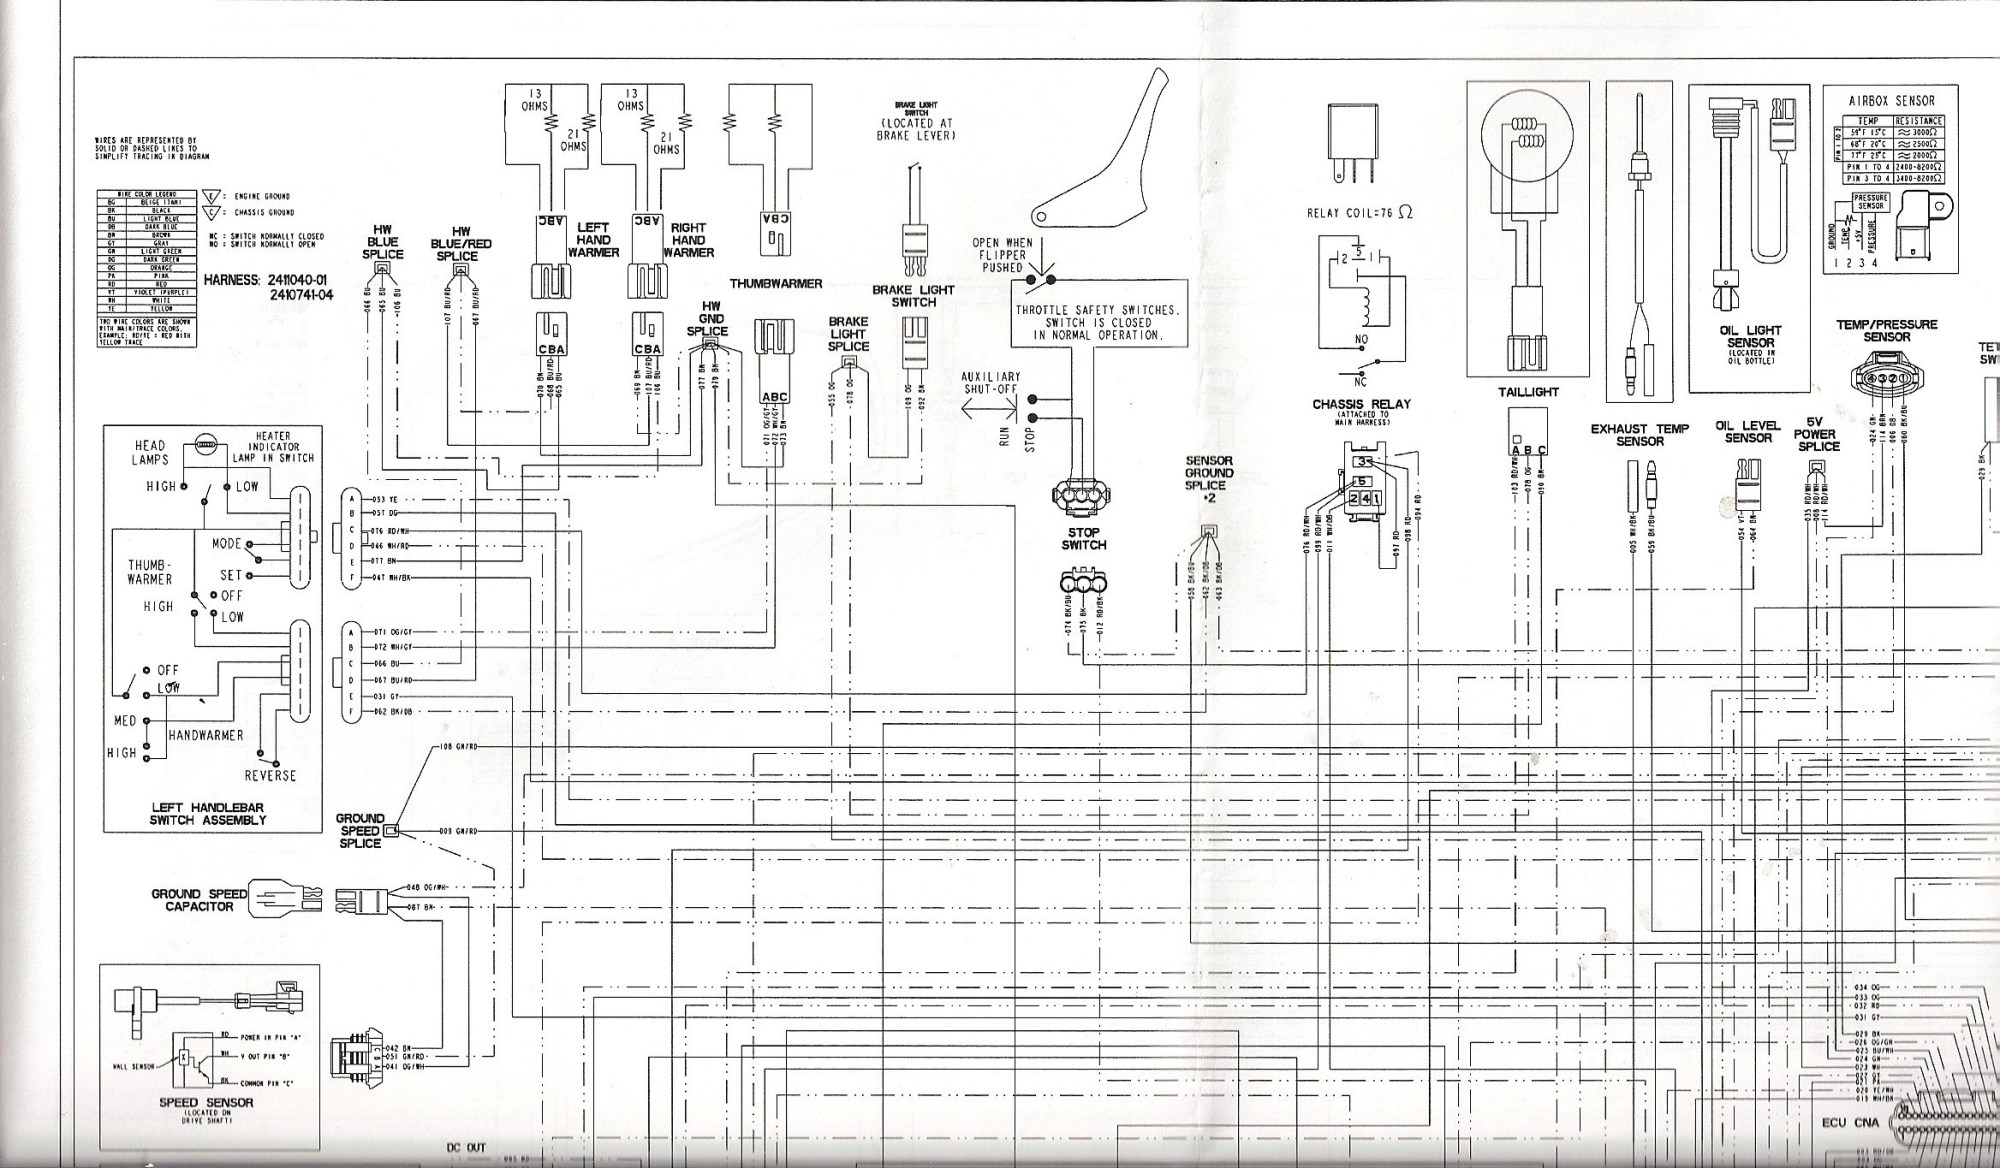 hight resolution of rzr wiring schematic wiring diagram 2004 polaris ranger wiring schematic polaris ranger wiring schematic